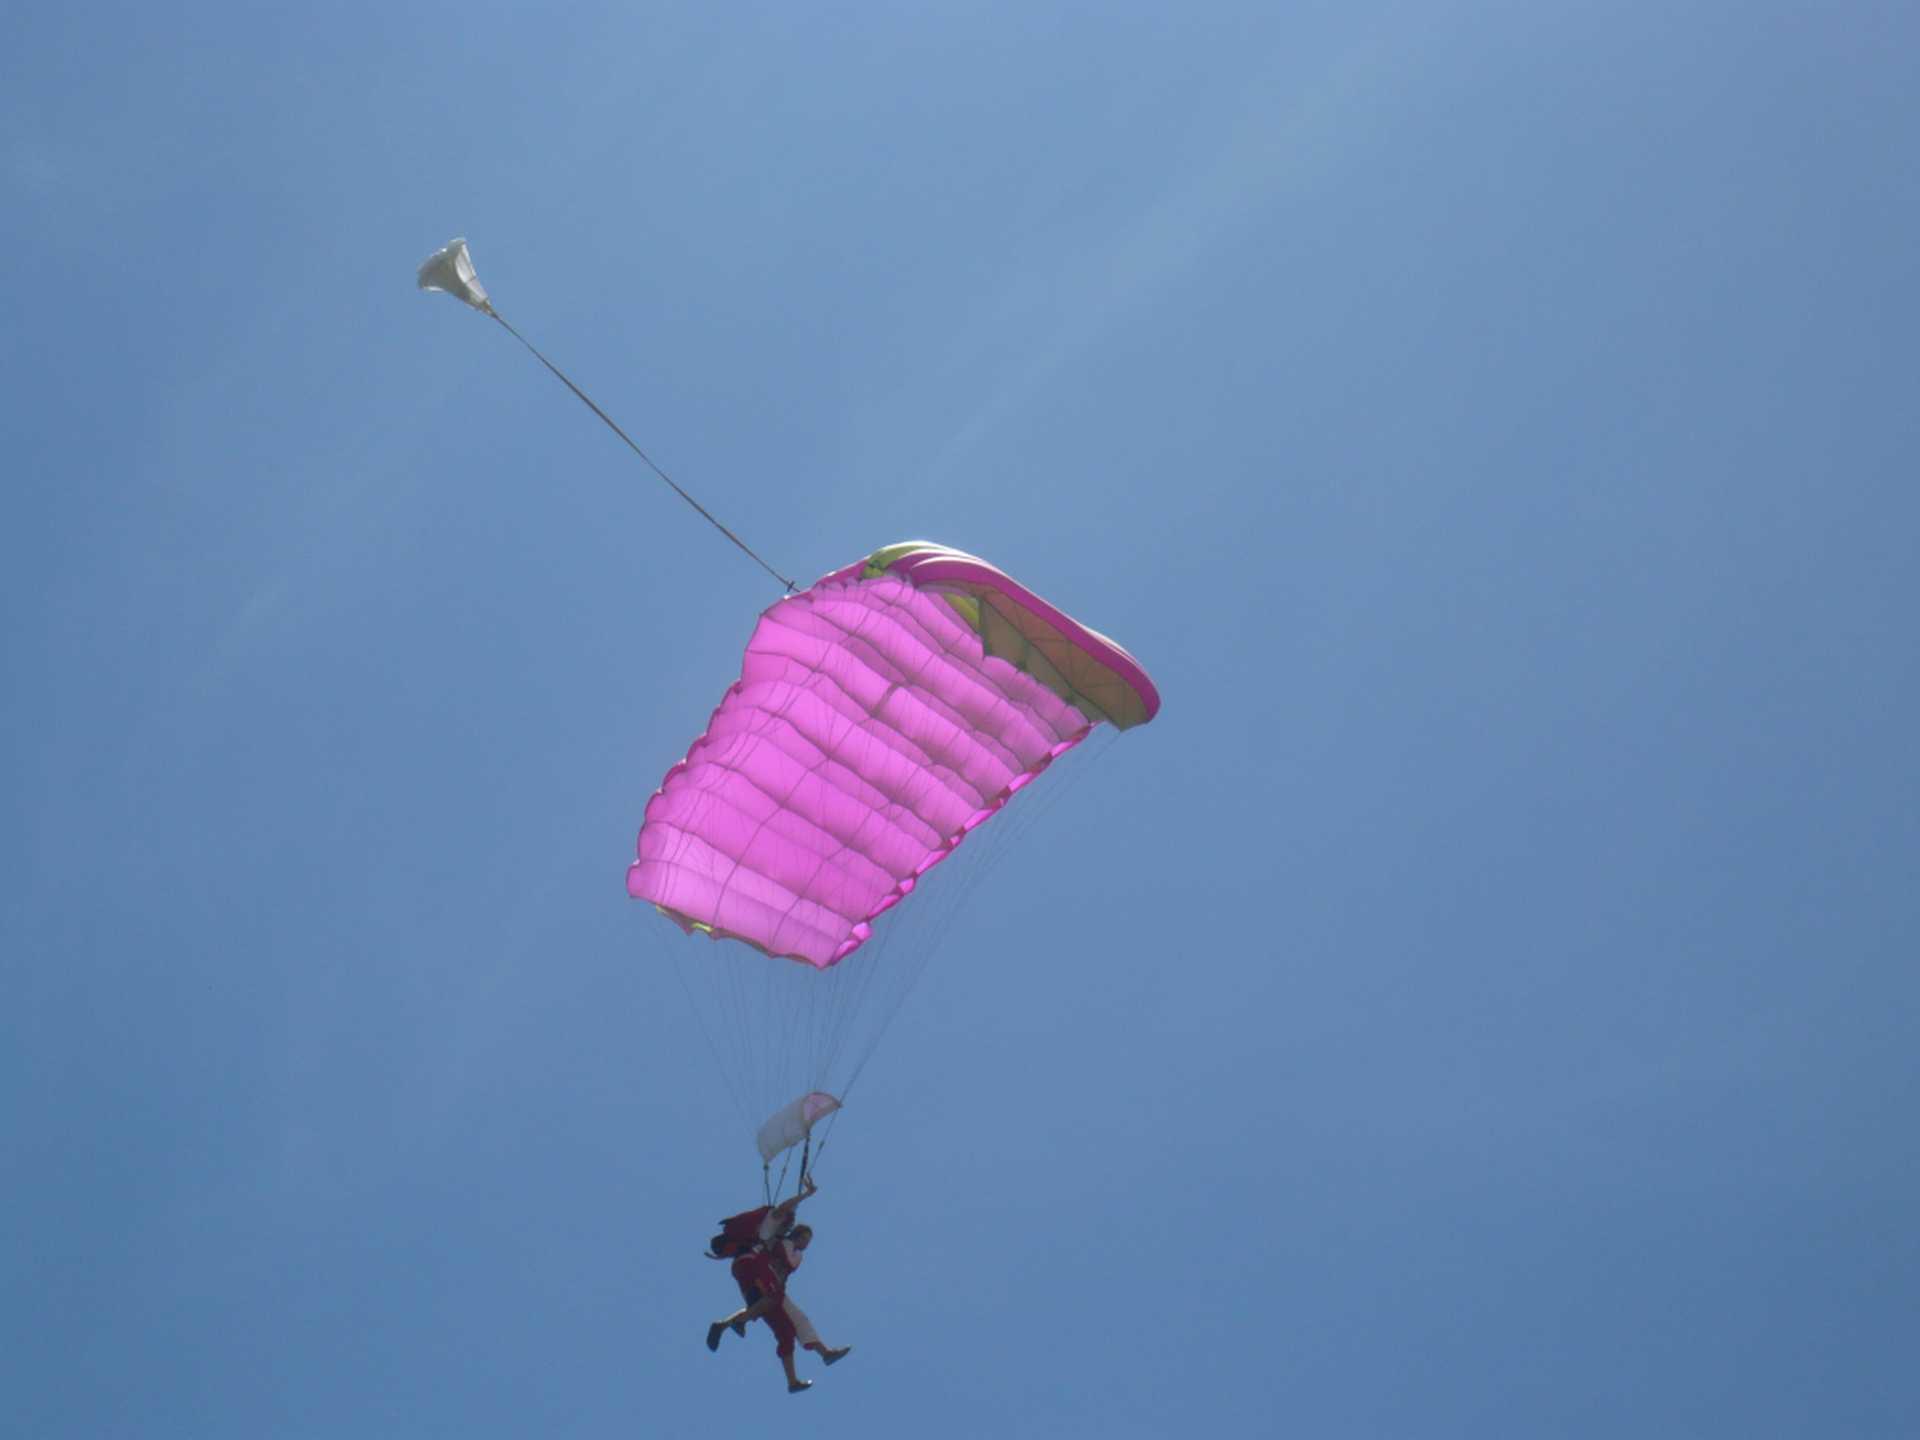 Sky-Dive-Pictures-2009-Riviere-du-Rempart-3